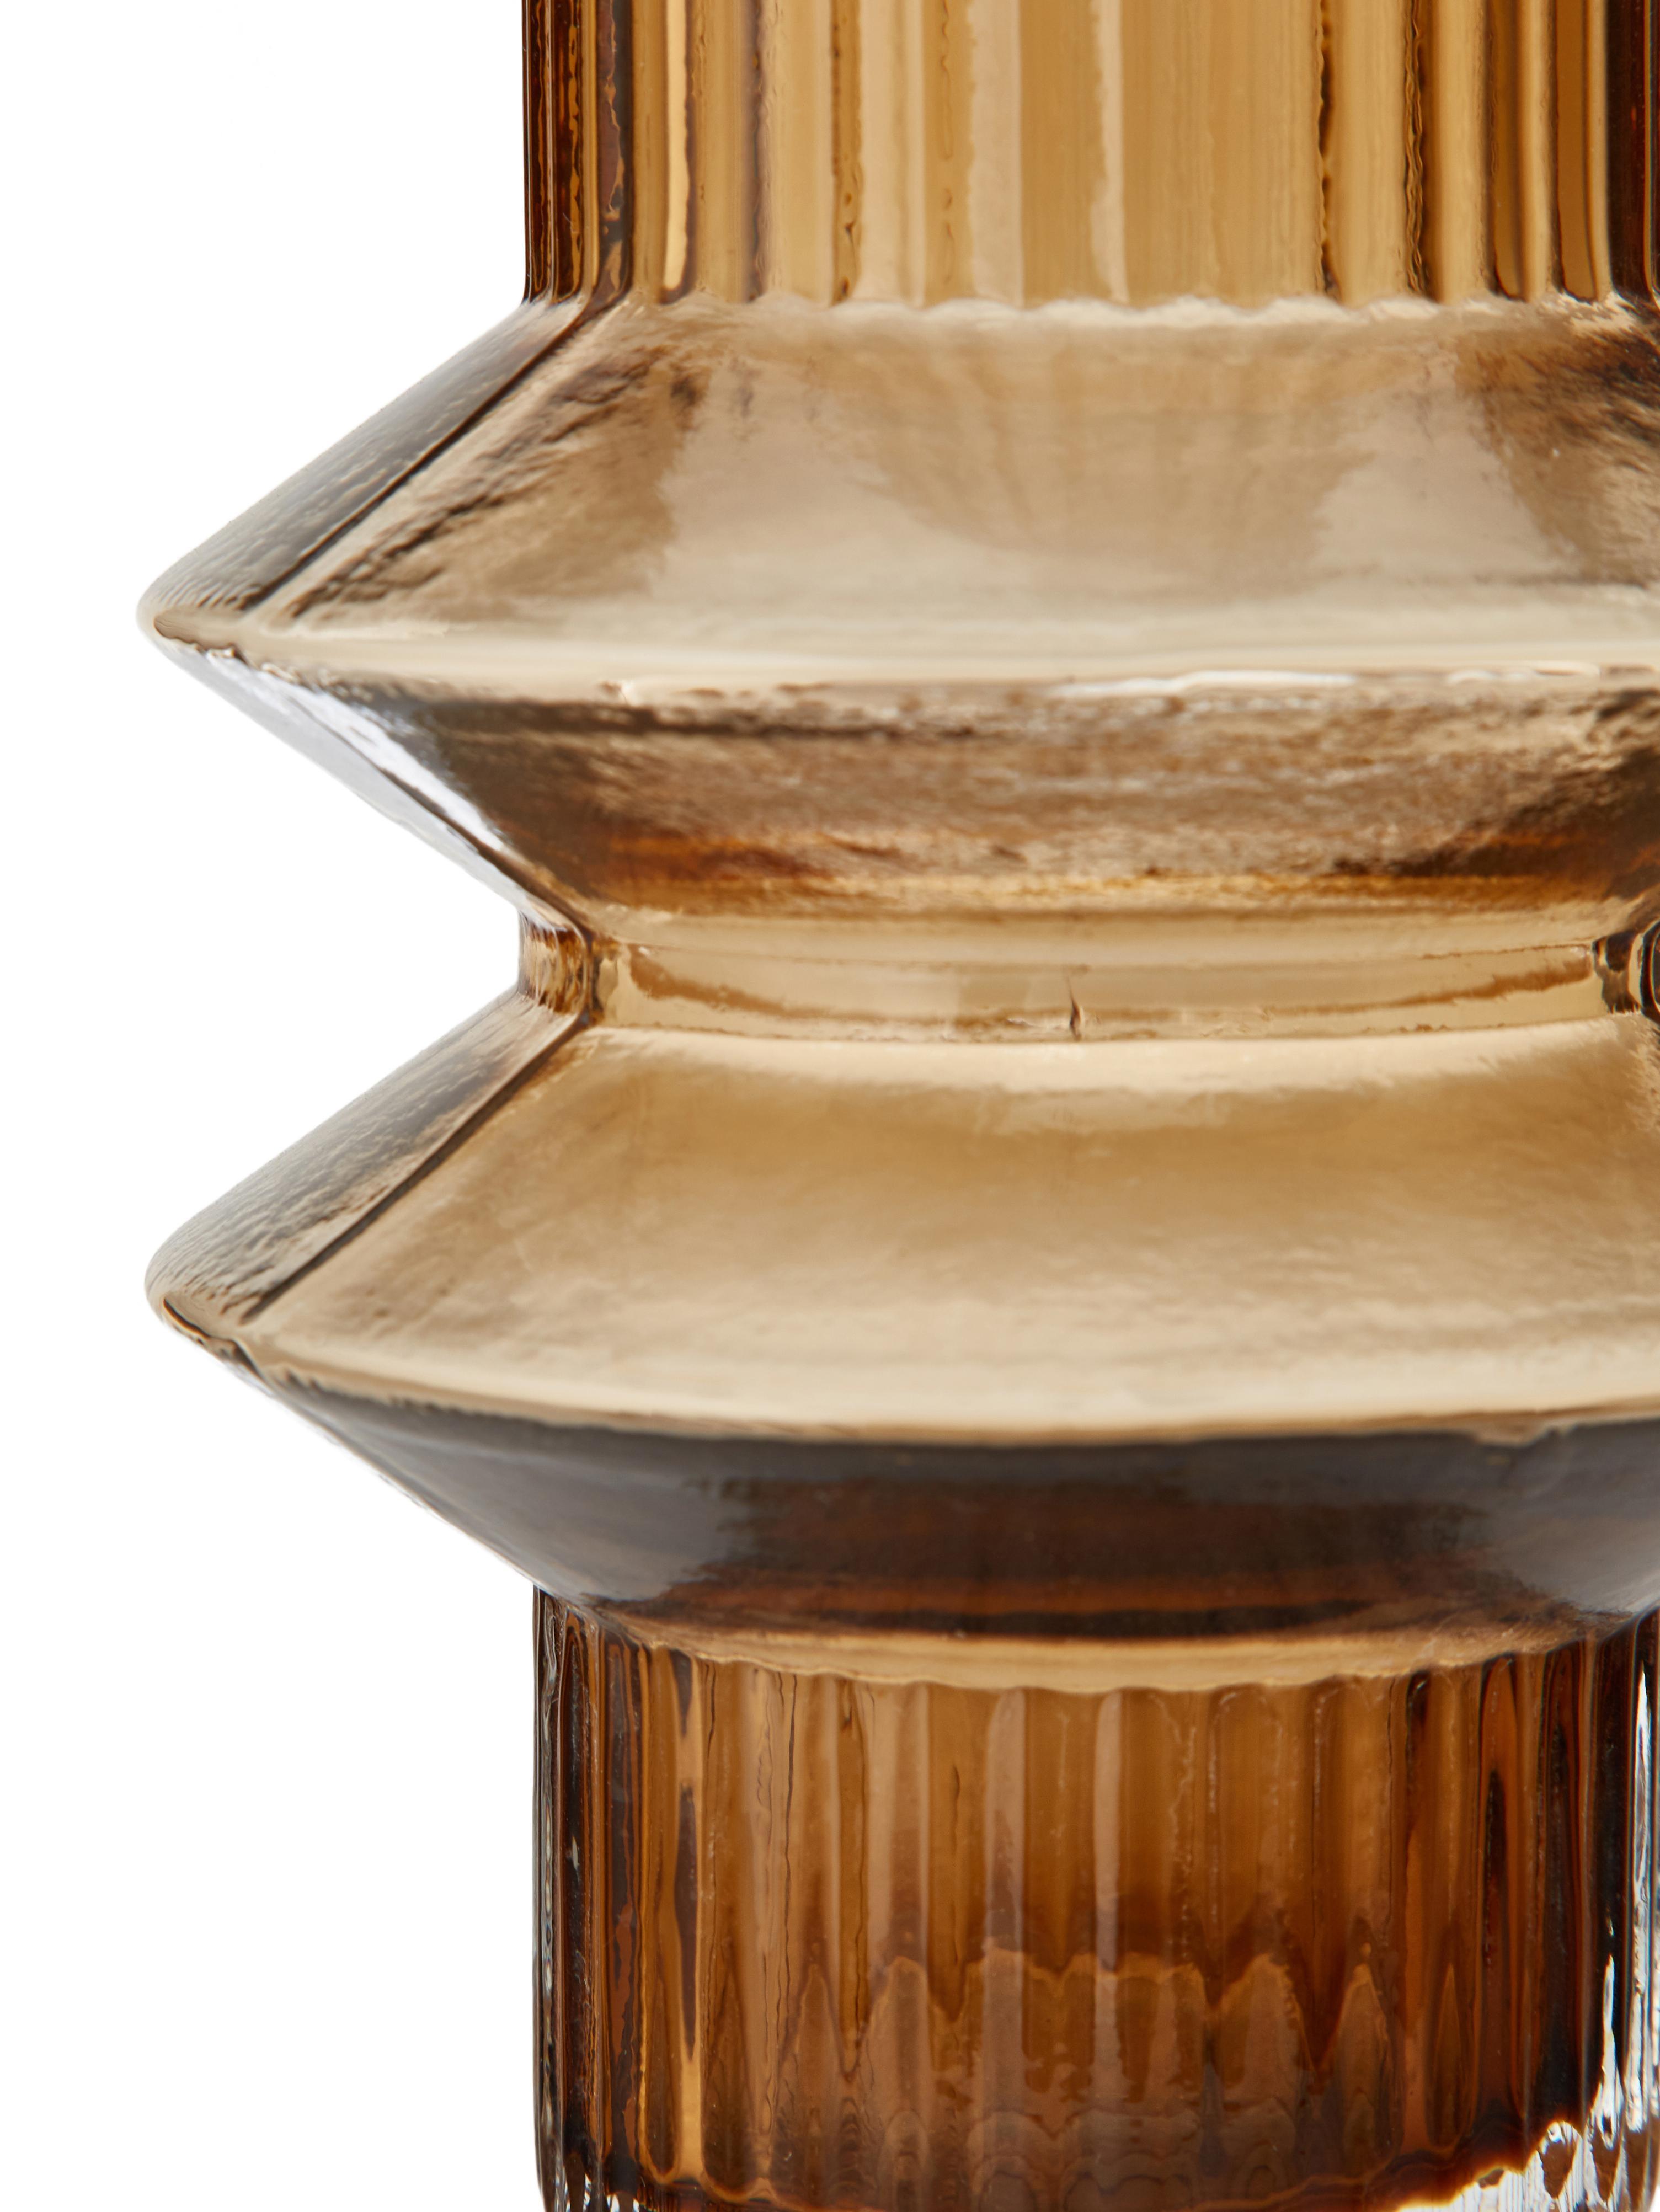 Transparente Glas-Vase Rilla mit Bernsteinschimmer, Glas, Bernsteinfarben, Ø 10 x H 21 cm